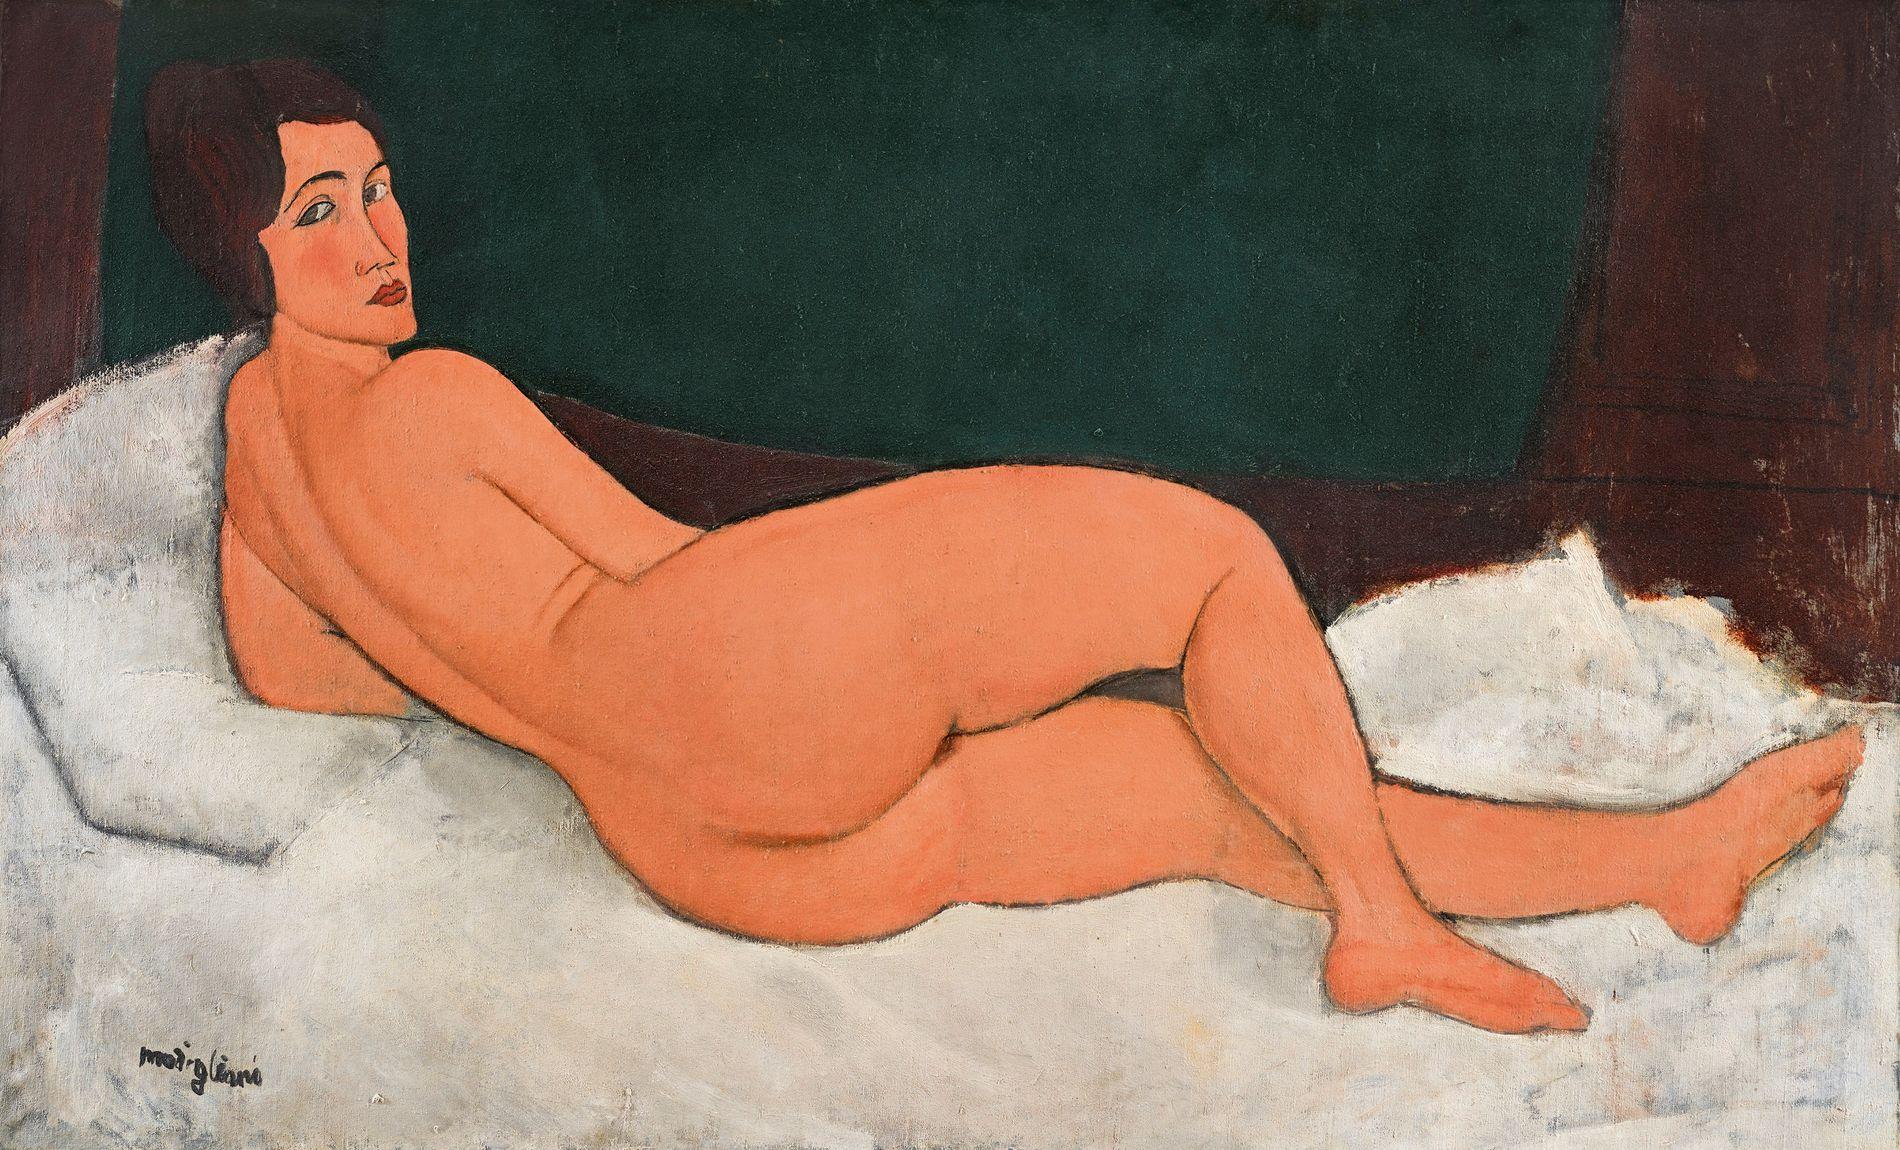 IKKE GRATIS! «Nu couché (sur le côté gauche)» av Modigliani er blitt solgt for nesten 1,3 milliarder kroner.